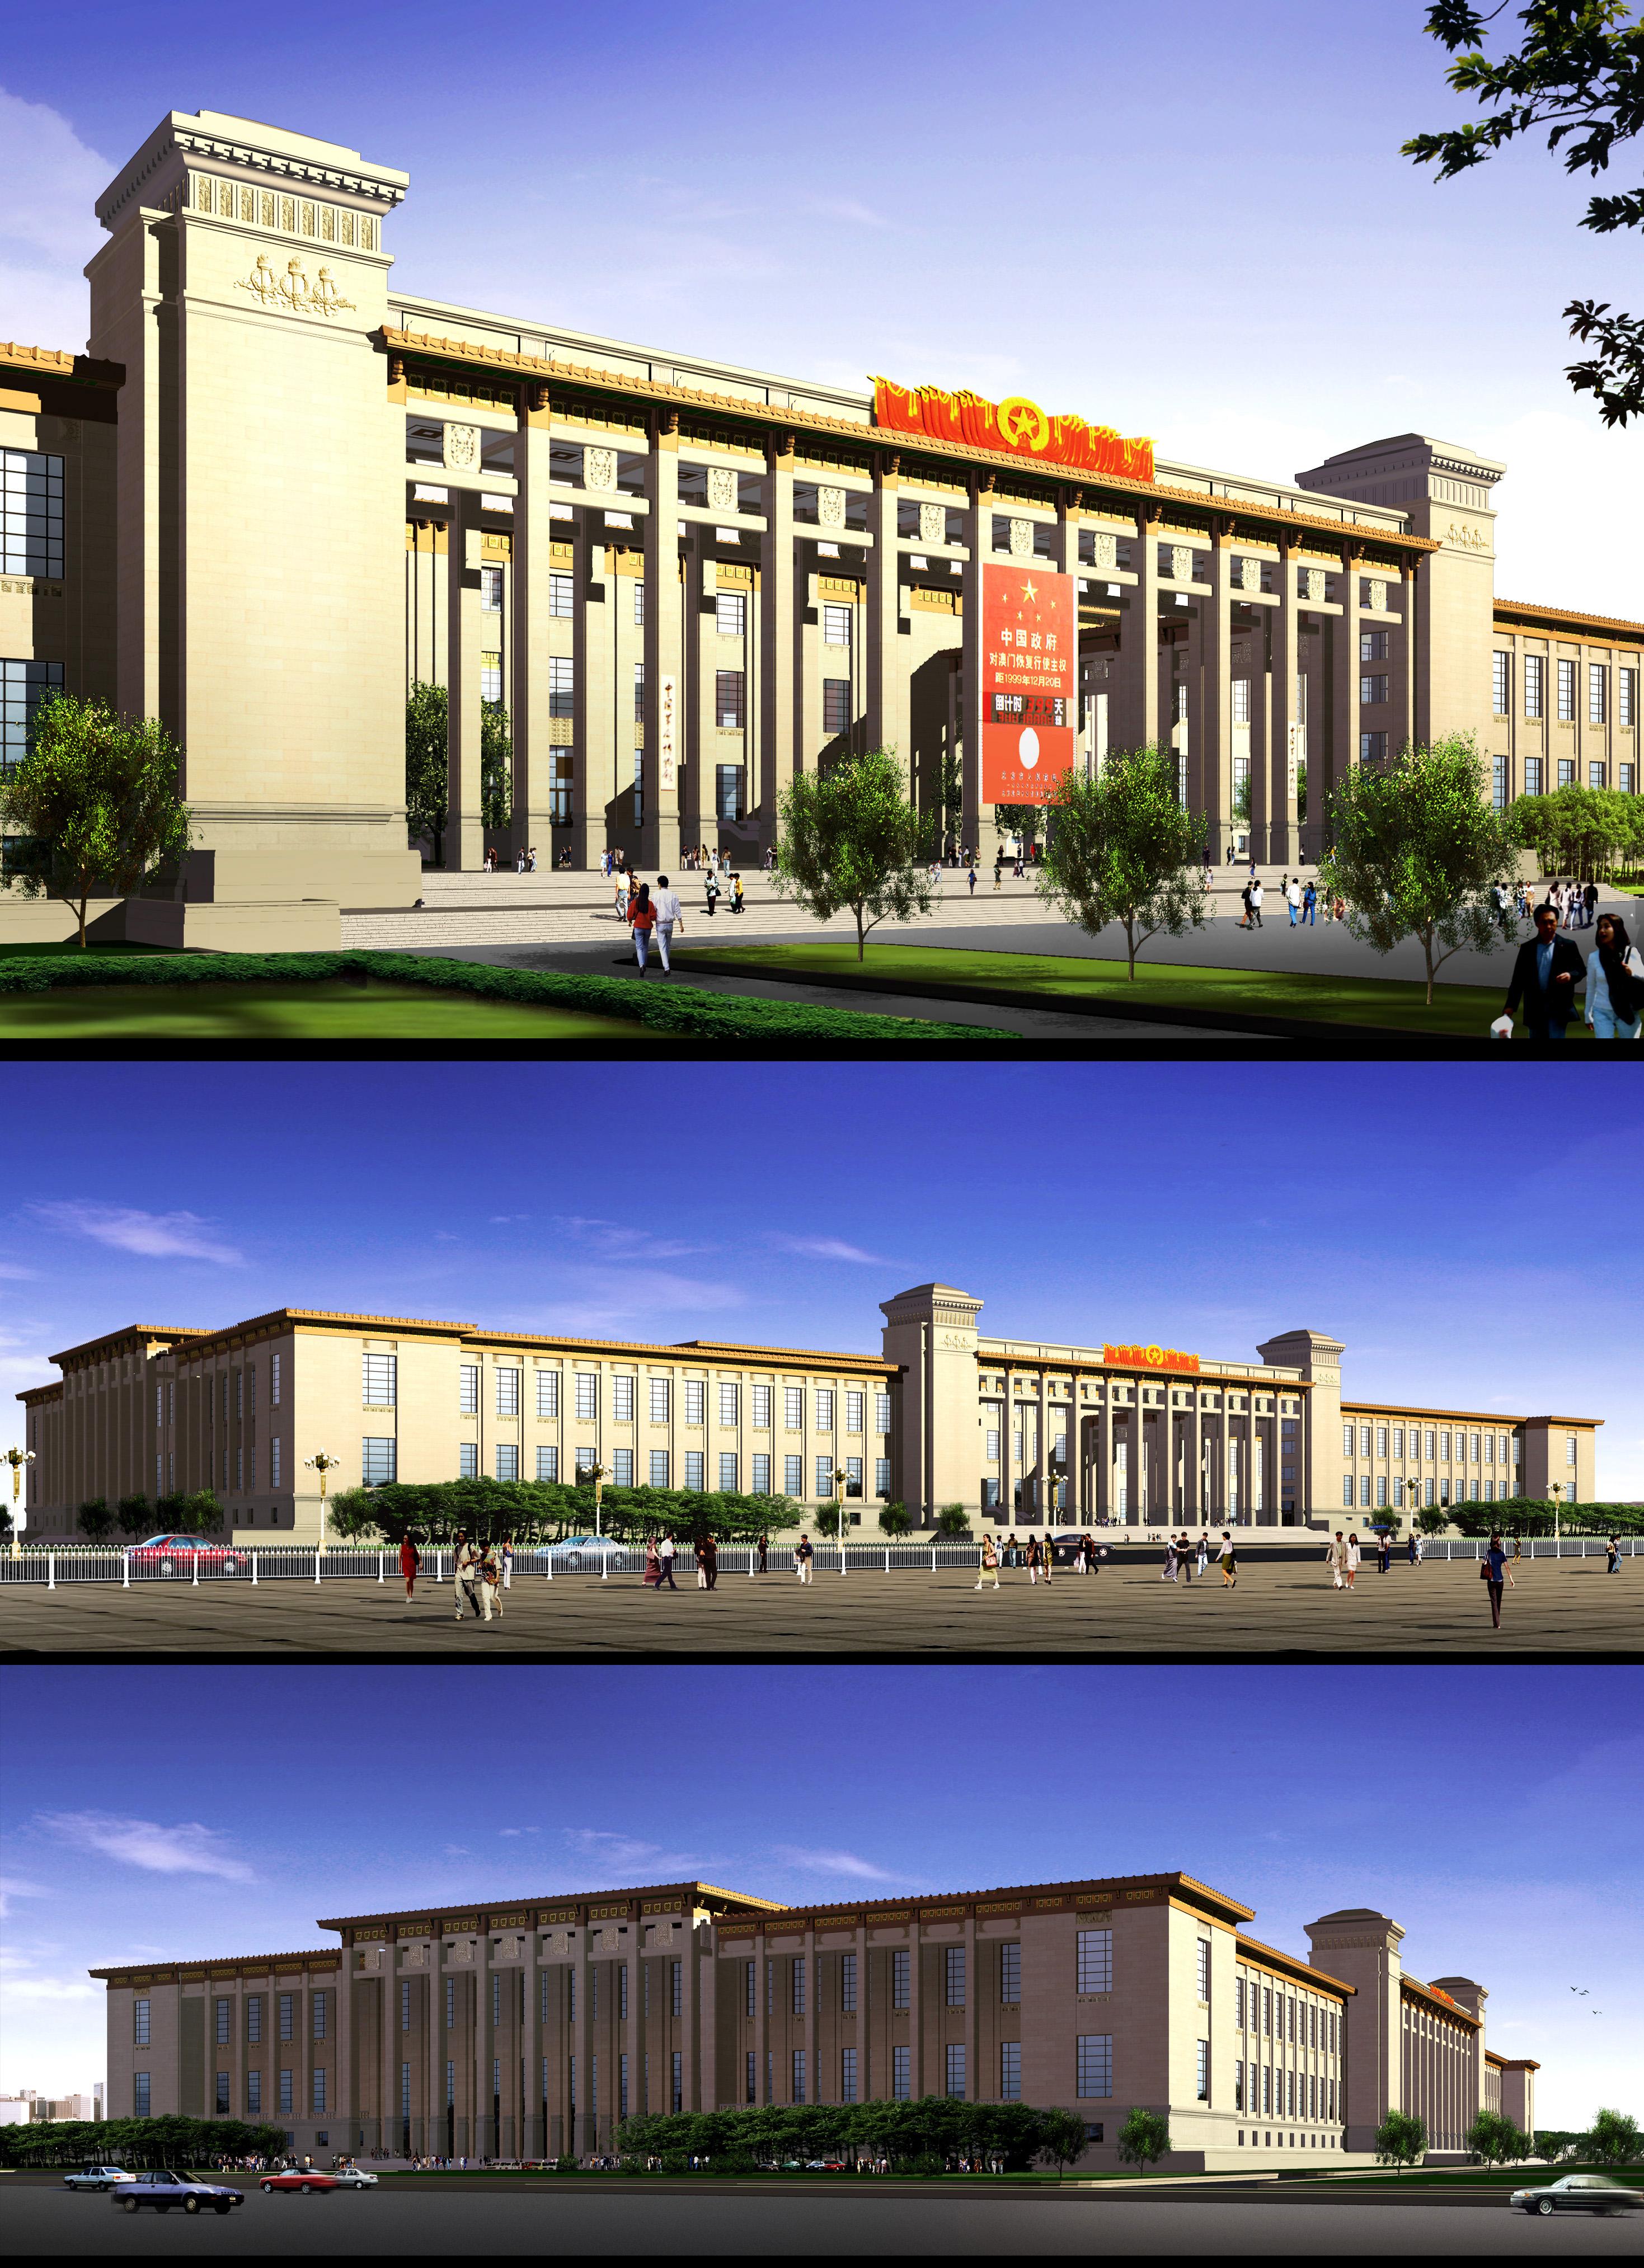 عمارت 071 3D ماڈل زیادہ سے زیادہ 133597